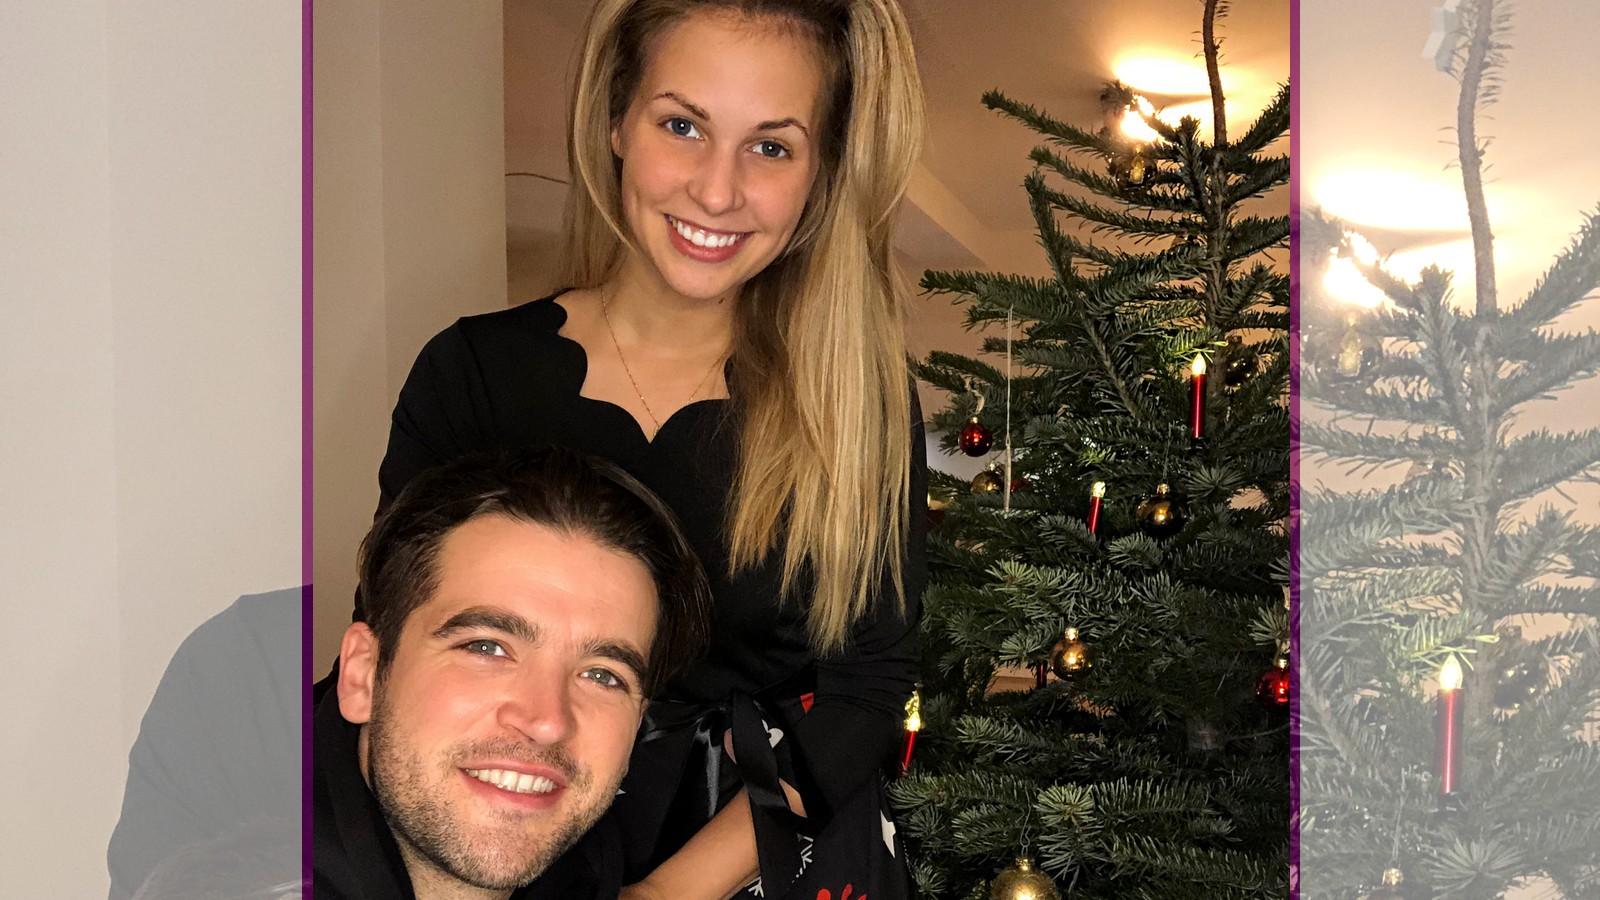 Carolina Noeding und Daniel Peukmann aus